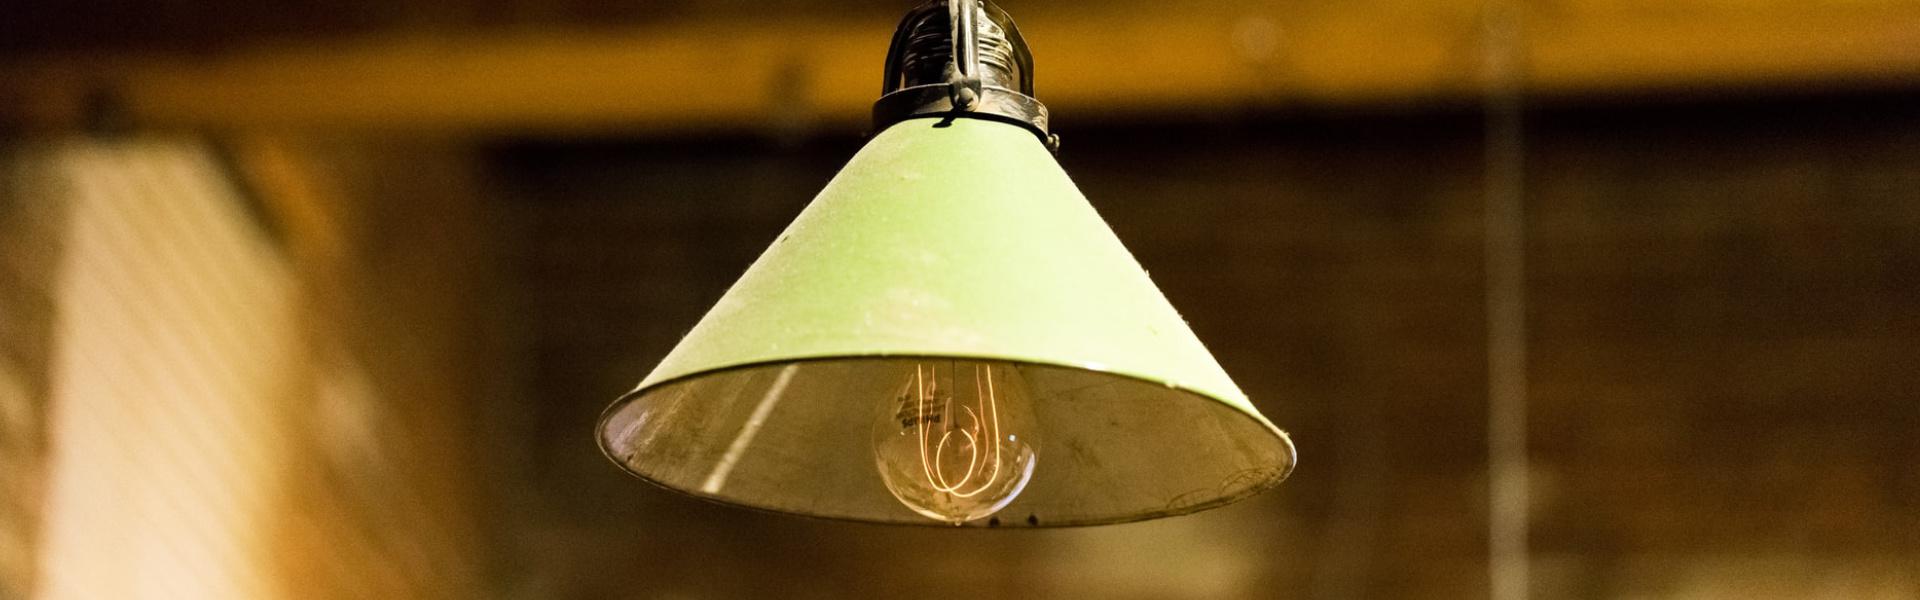 Jak prawidłowo myć lampy i żarówki?